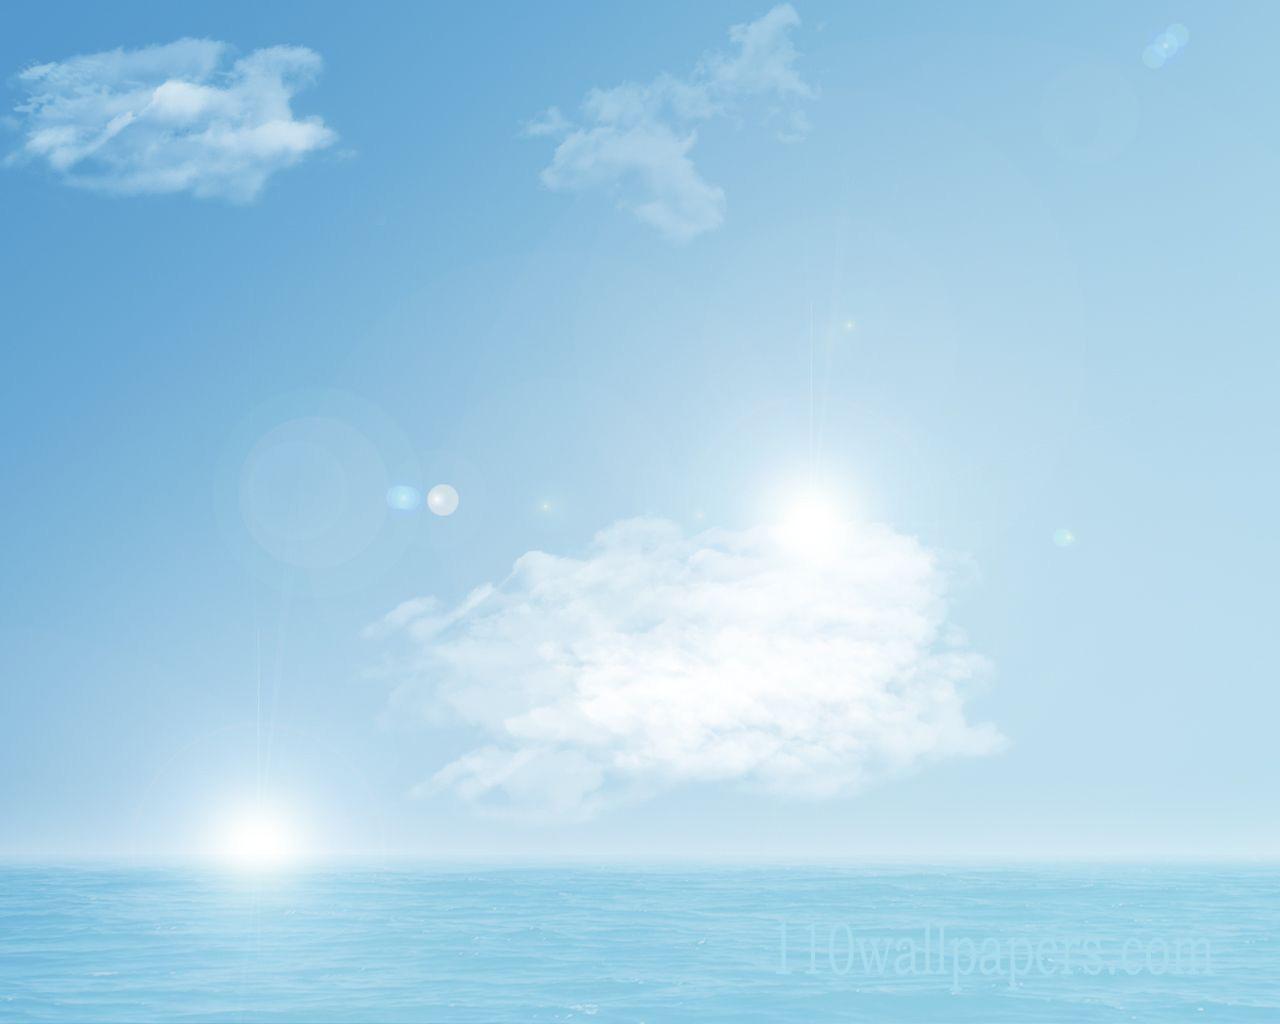 light blue ske desktop background picturejpg 1280x1024